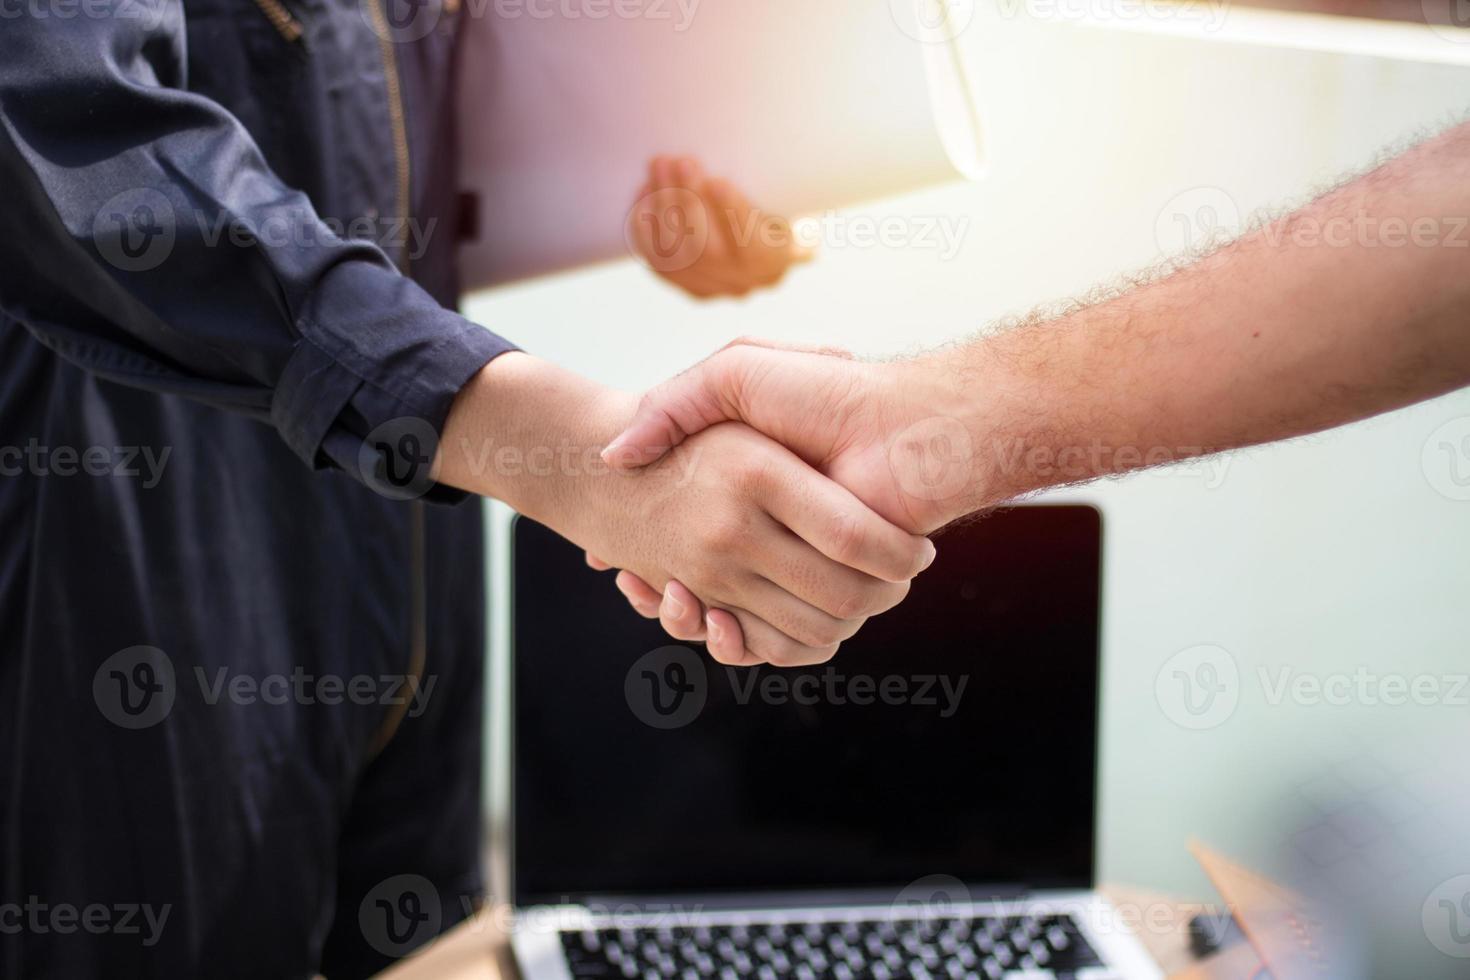 deux personnes se serrant la main photo